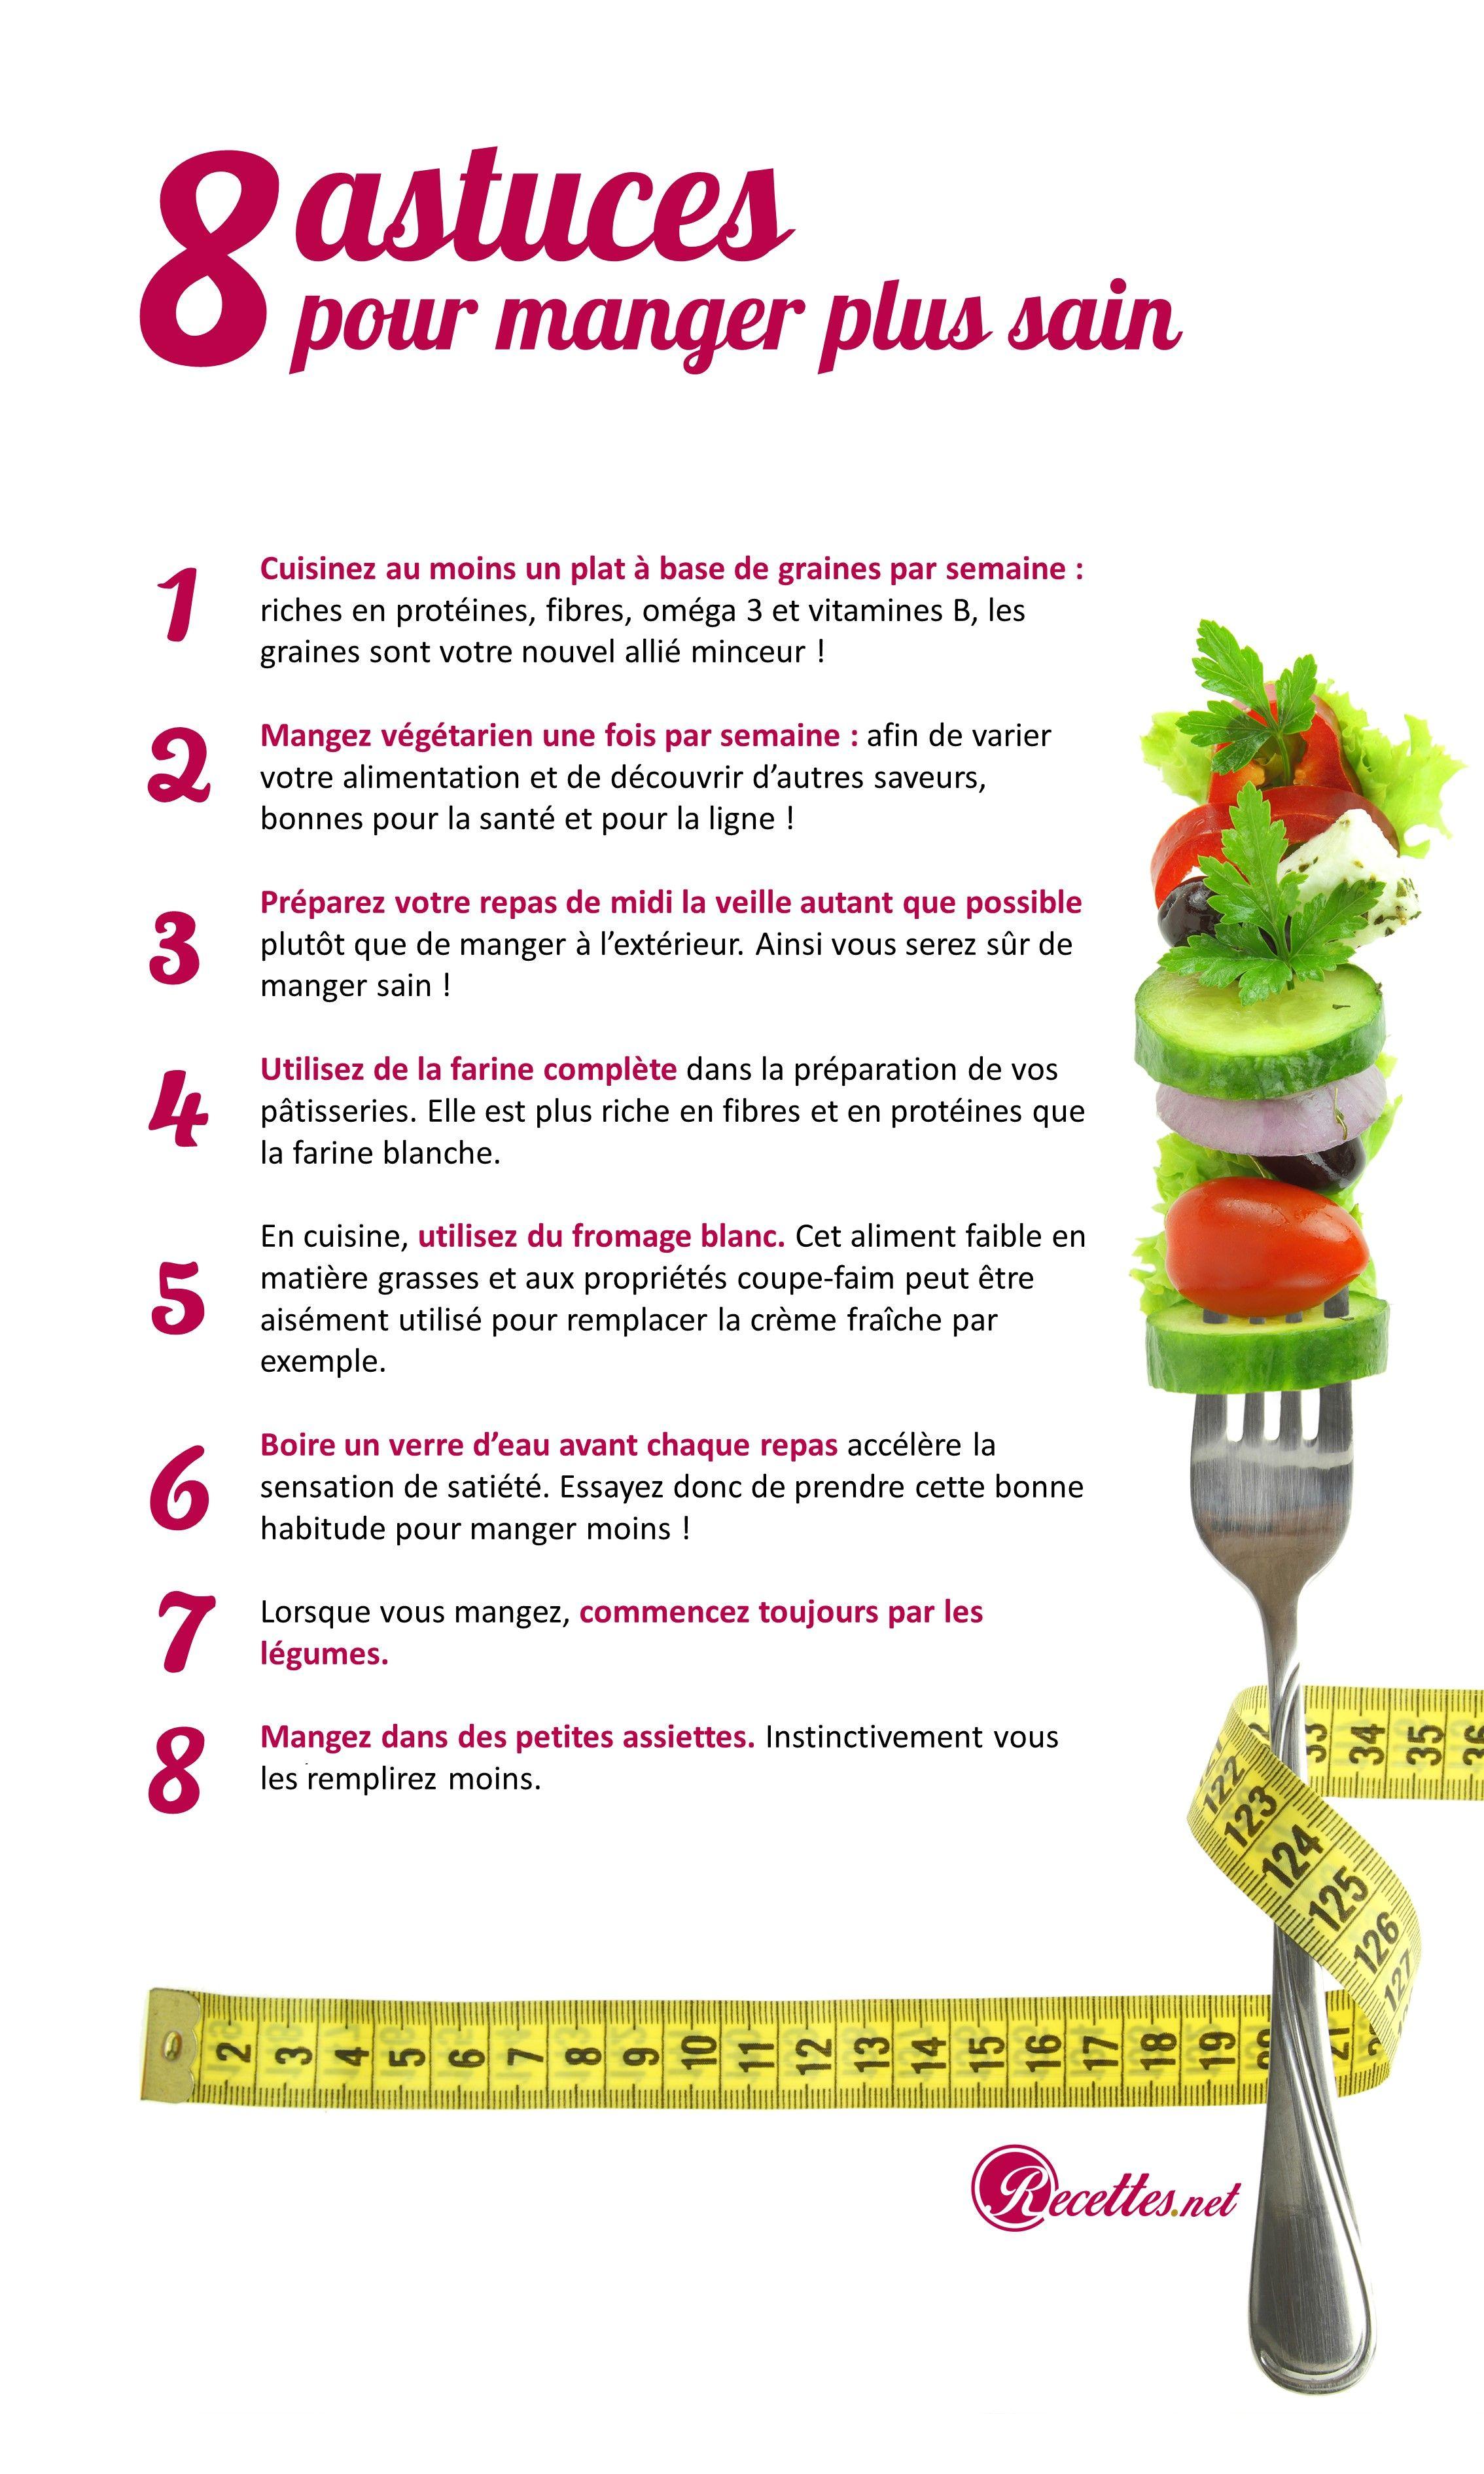 Poids santé - Perdre du poids sainement et pour de bon